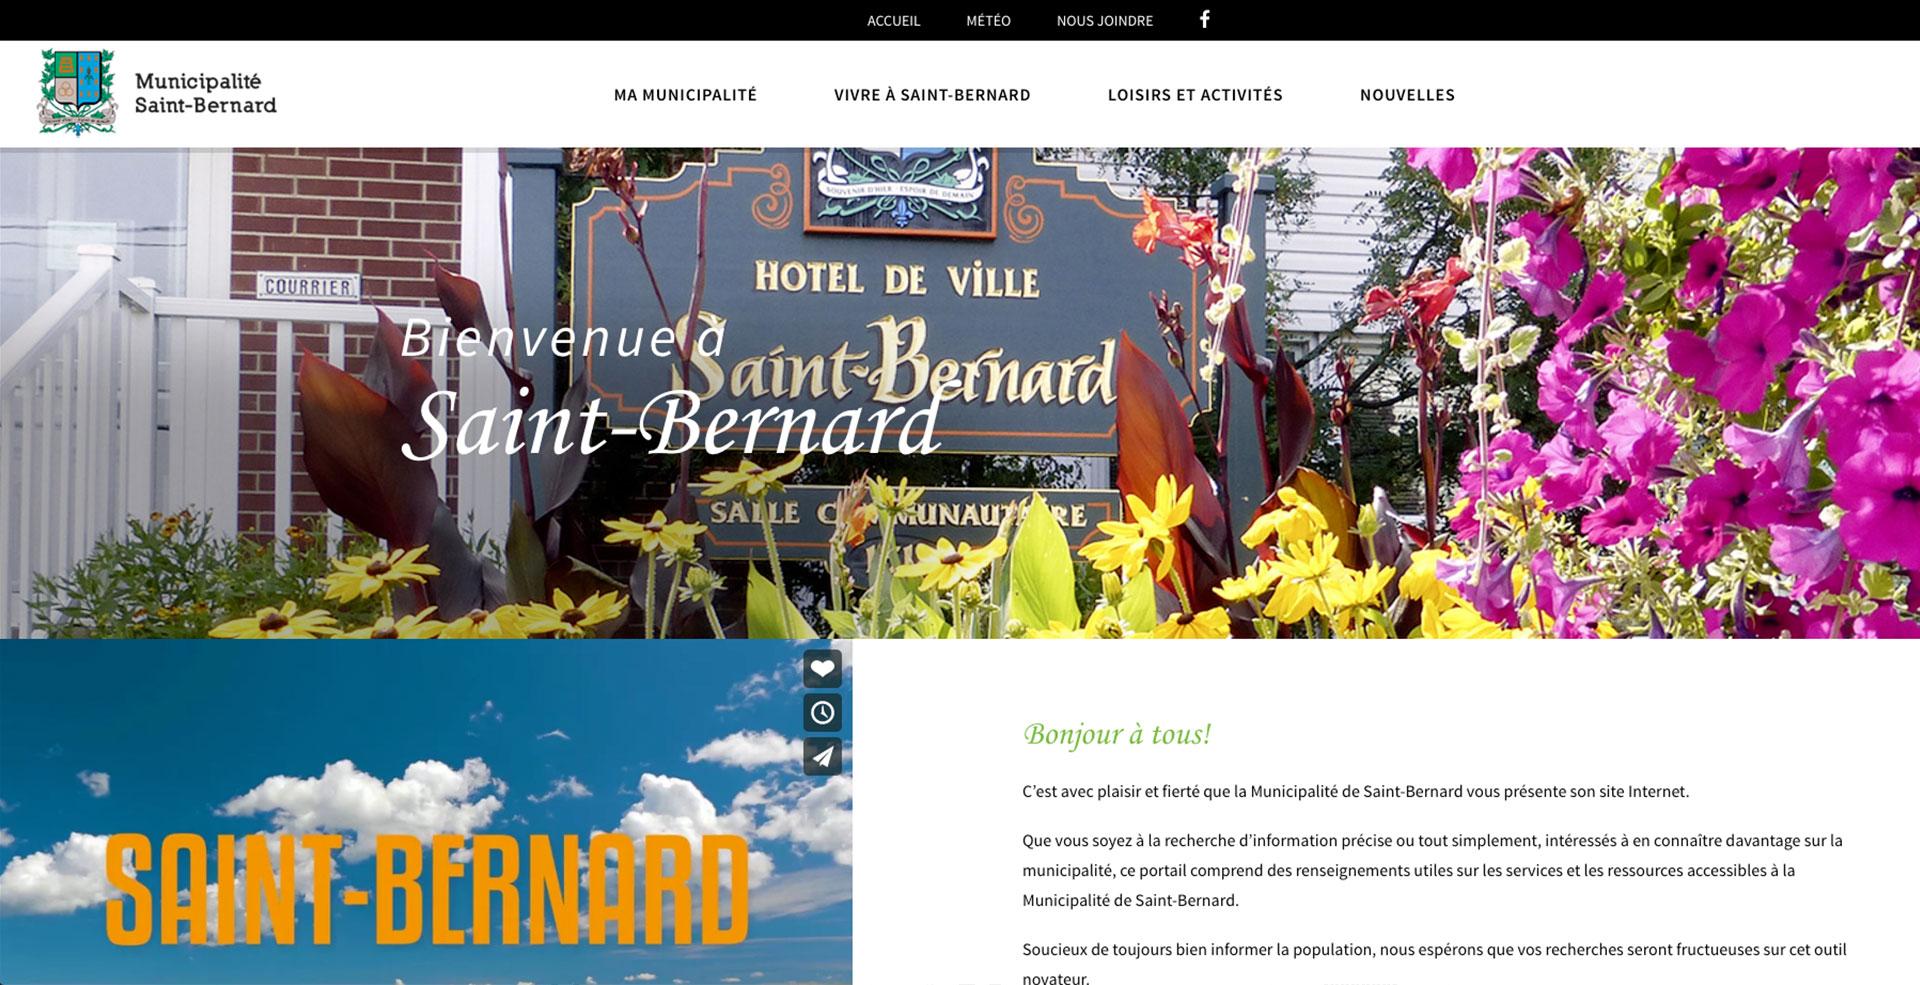 Municipalité Saint-Bernard